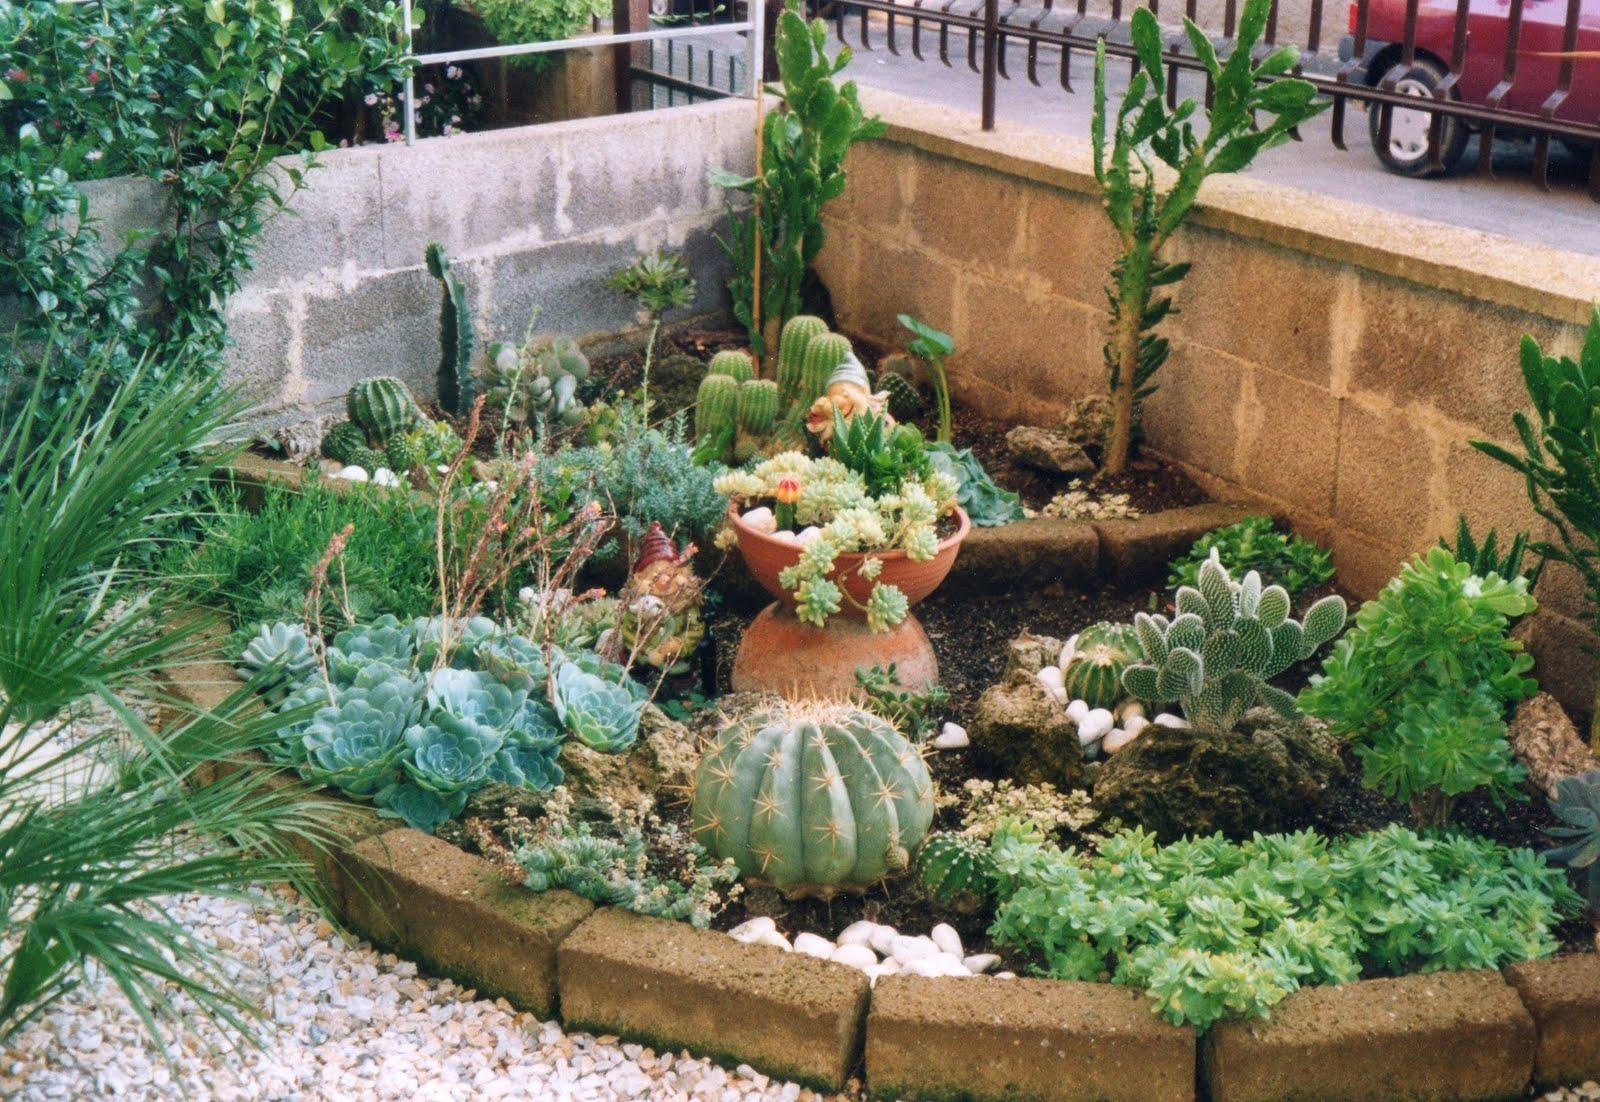 I giardini di carlo e letizia giardino di piante grasse - Alberi da giardino di piccole dimensioni ...